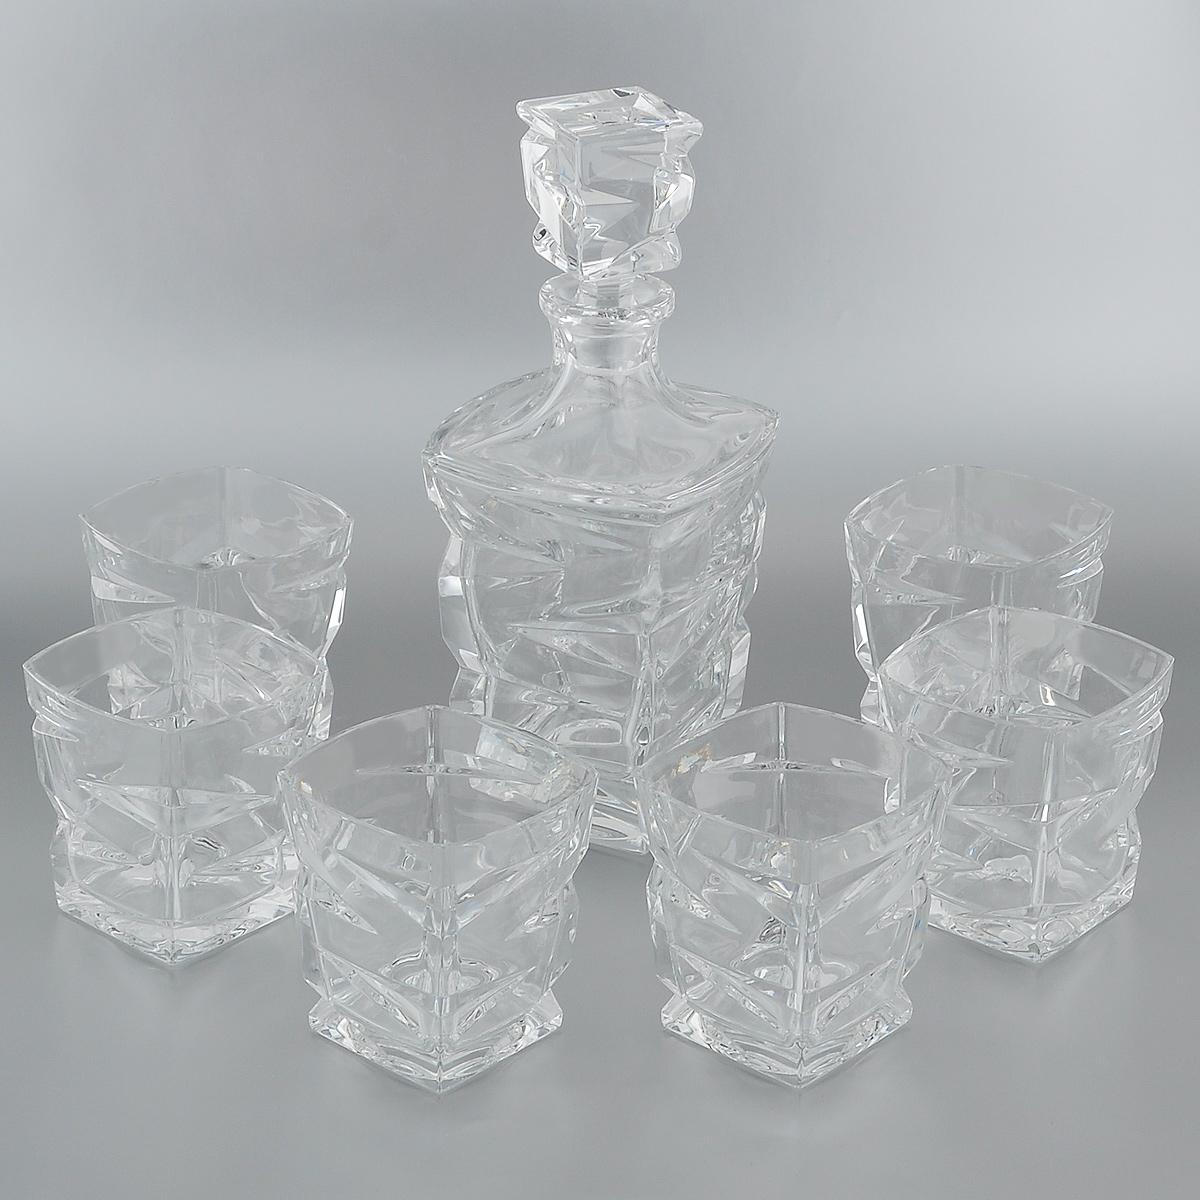 Набор для виски Crystal Bohemia, 7 предметов. 990/99999/9/59418/688-709 набор для виски 7 предметов crystalite bohemia набор для виски 7 предметов